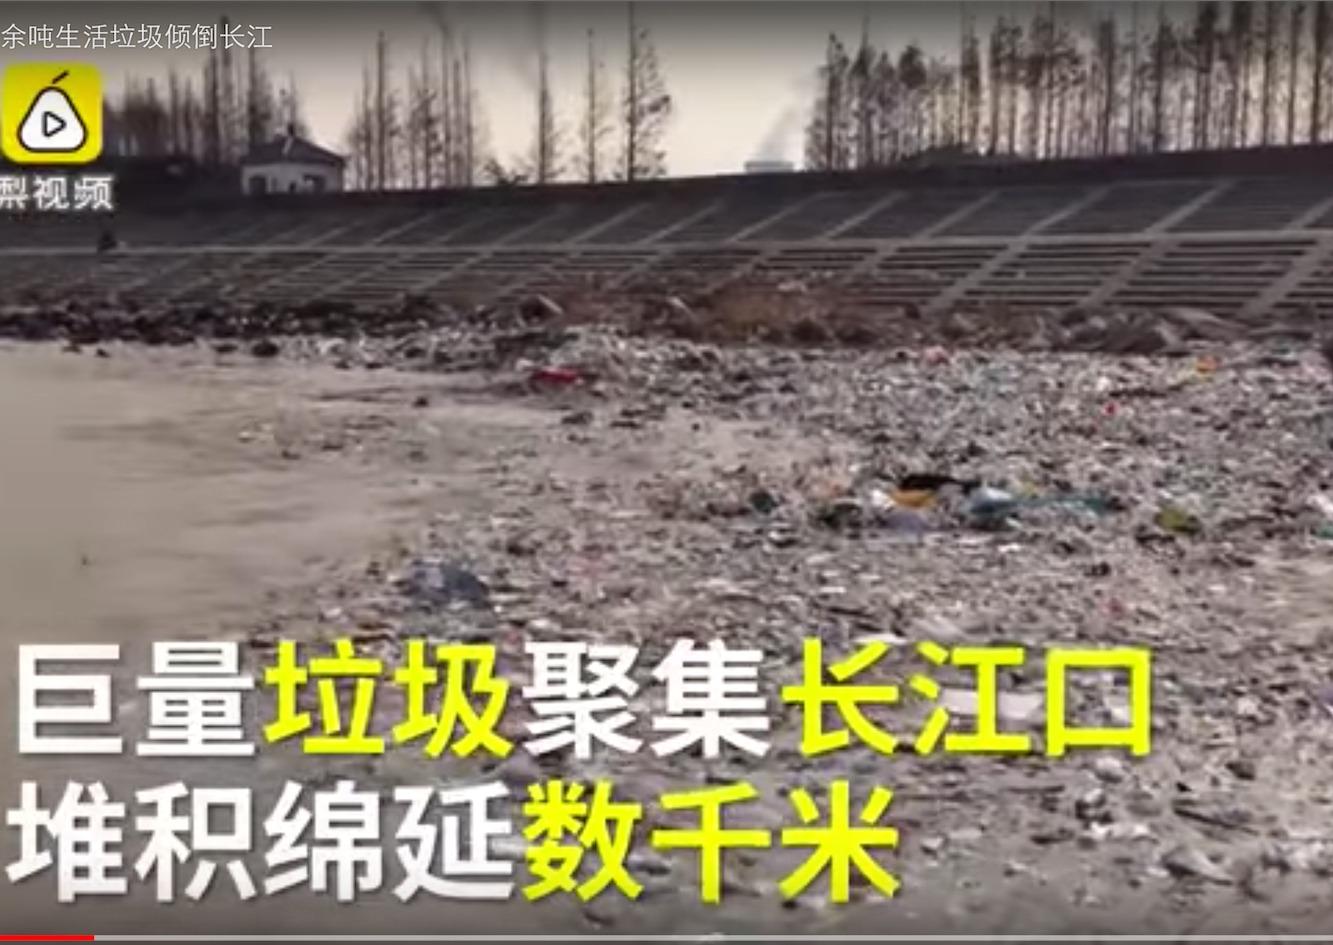 江浙兩地垃圾非法傾倒案涉及的超過3萬噸有害垃圾曾對當地生態環境造成嚴重破壞。(視像擷圖)